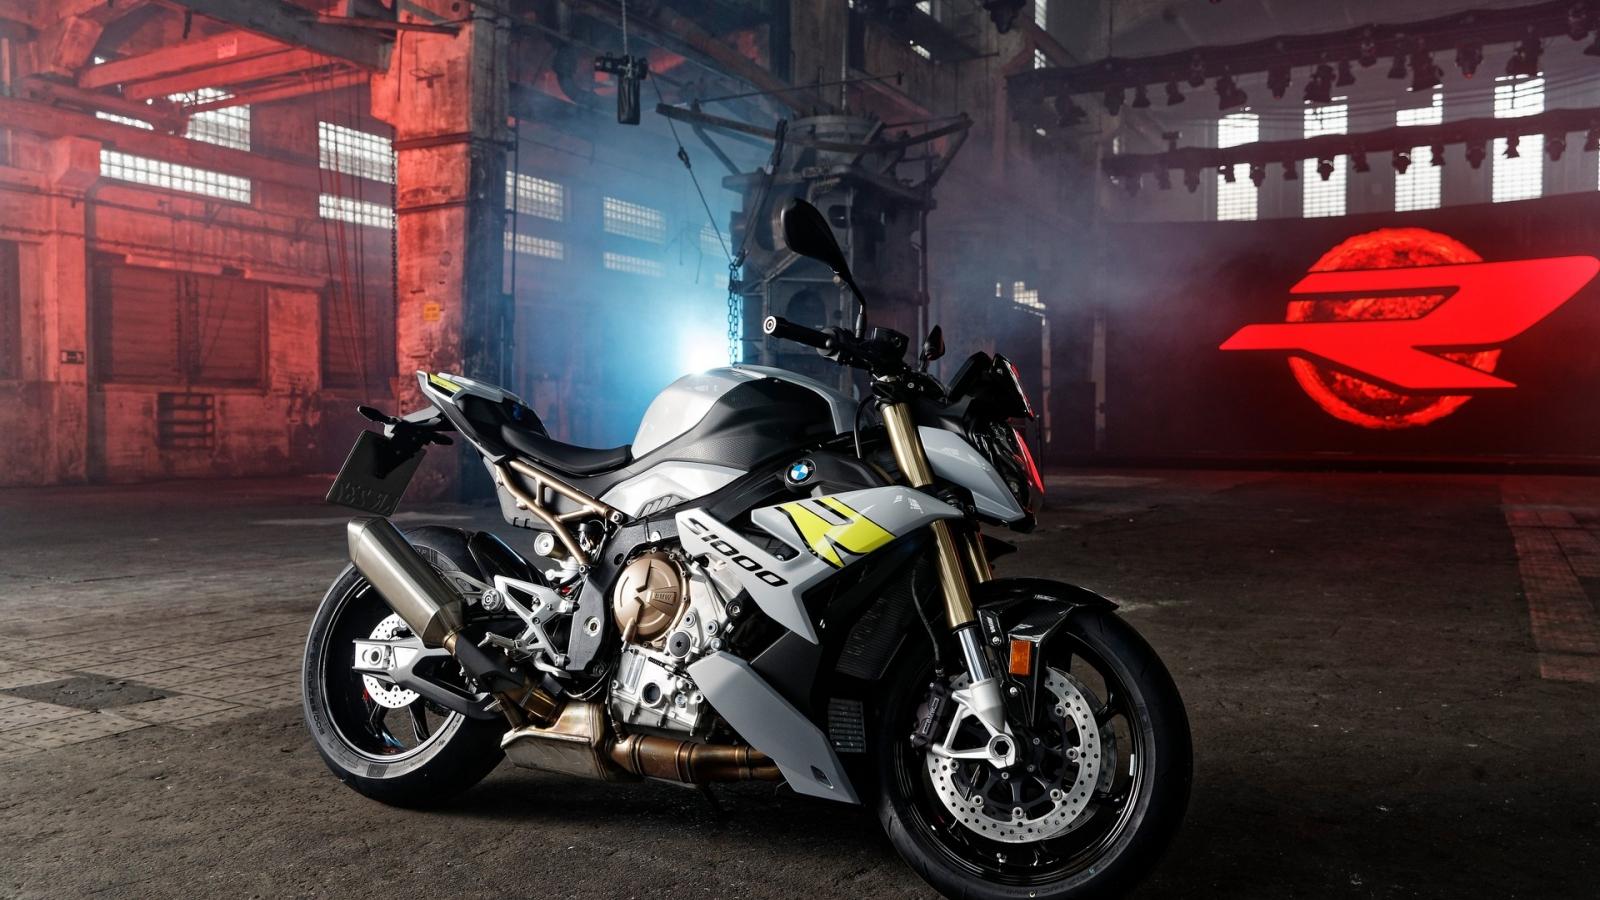 BMW S 1000 R 2021 lộ diện với thiết kế bắt mắt và nhiều công nghệ